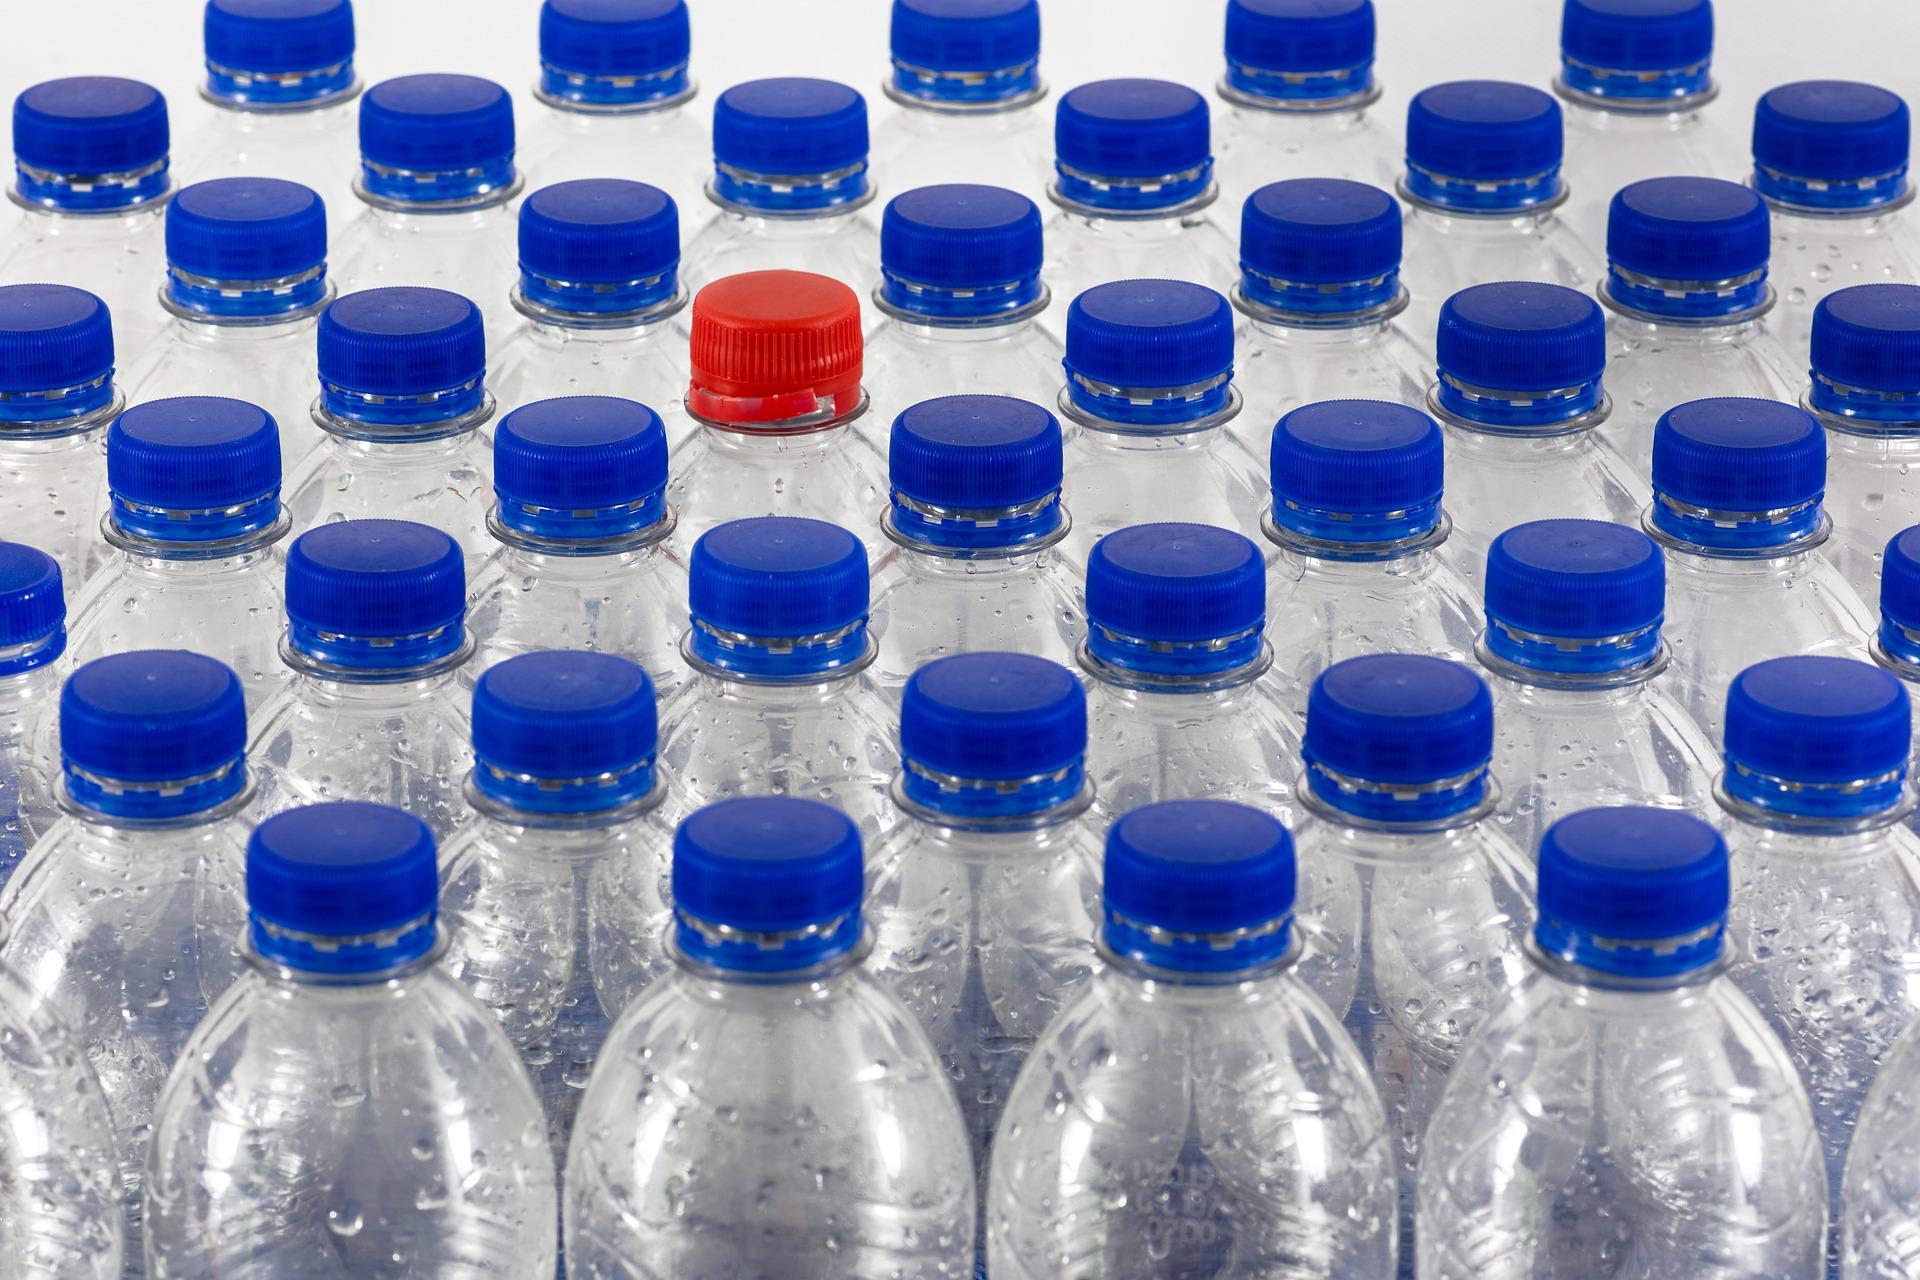 Kaucja za butelki jeszcze w tym roku